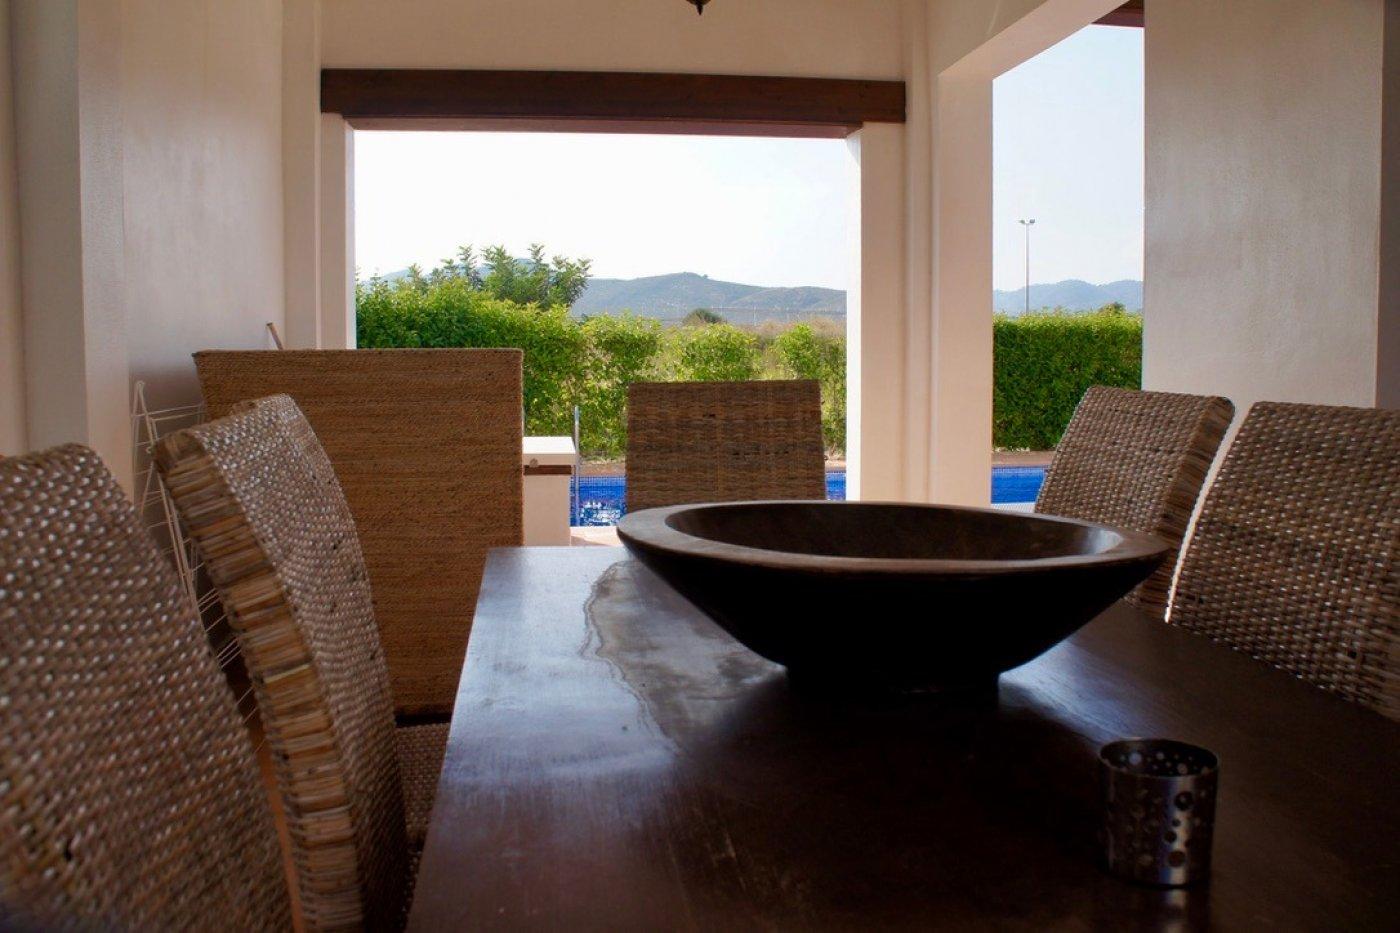 Galleribillede 27 of I første linie til golf banen, solrig 4 vær et plans villa med 2 badevær of egen pool